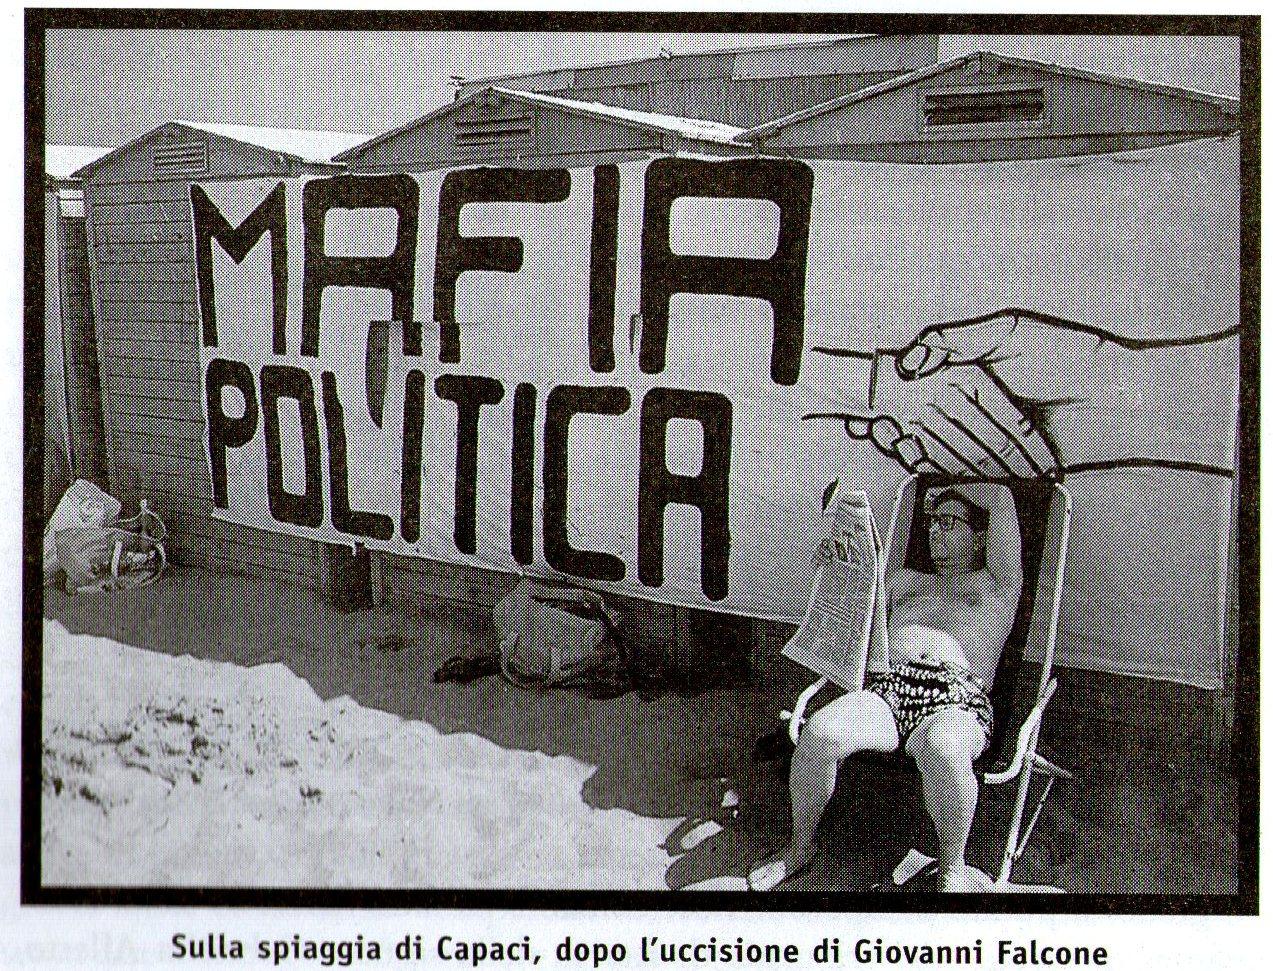 Elezioni: e i partiti dimenticano di parlare di mafia nei loro programmi